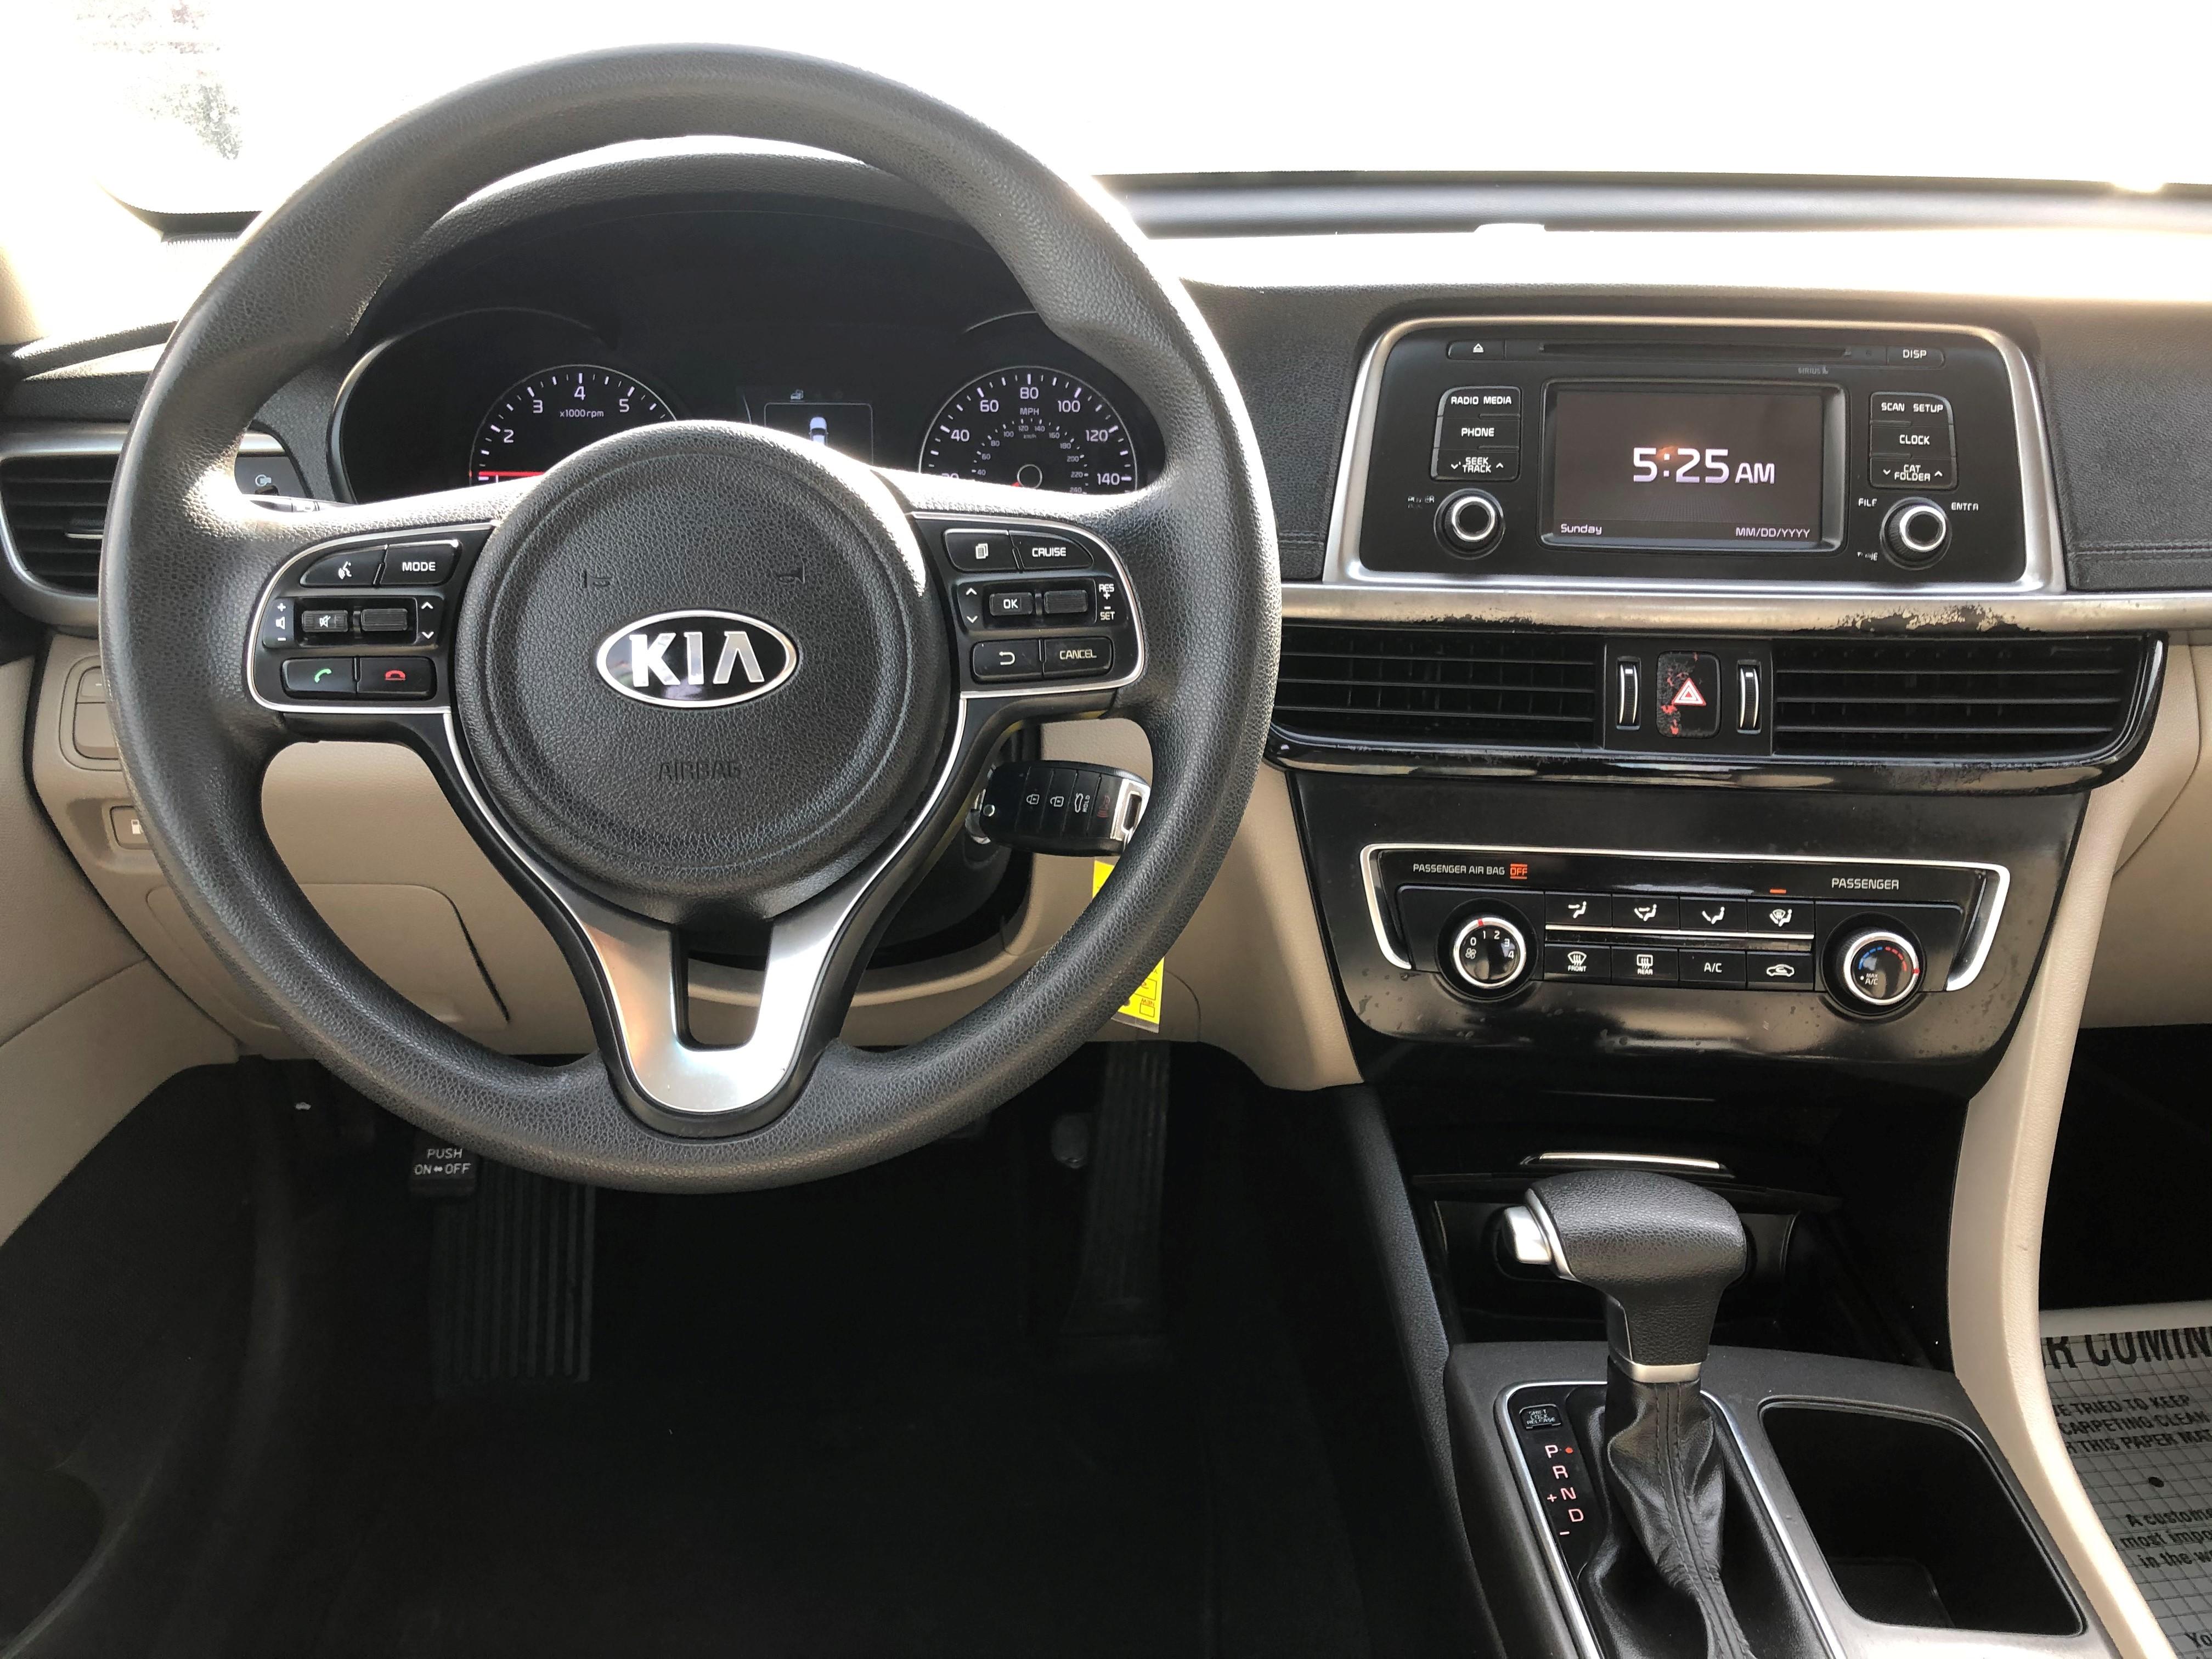 used vehicle - Sedan KIA OPTIMA 2016